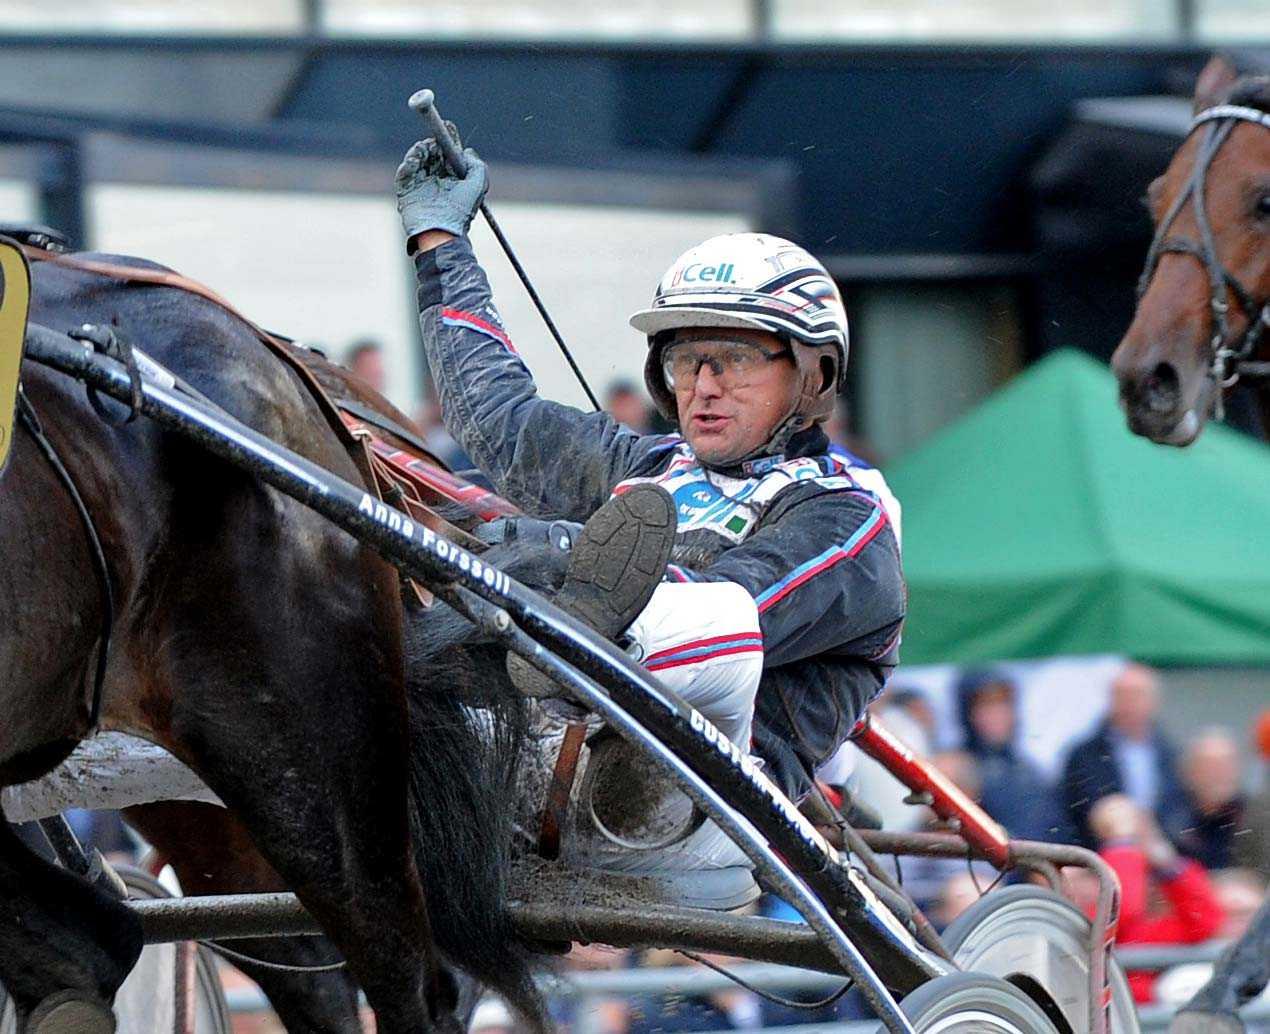 Ulf Ohlsson tror inte att han kommer behålla förstaplatsen i den allsvenska kuskligan.